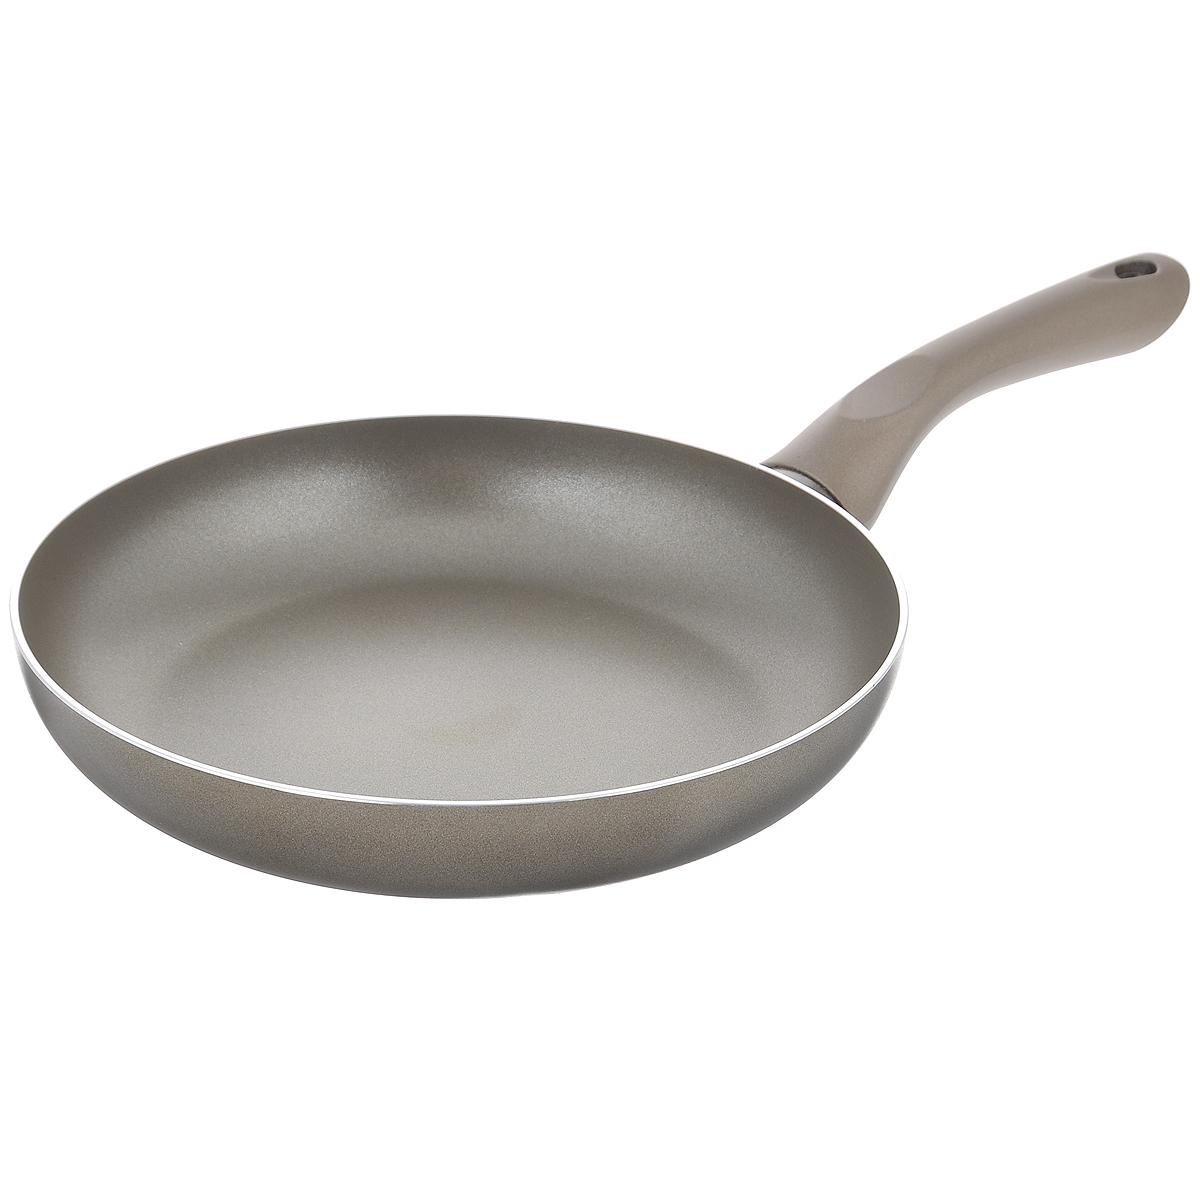 Сковорода Beka Platinum, с антипригарным покрытием, цвет: серый. Диаметр 26 см40097264Сковорода Beka Platinum изготовлена из массивного литого алюминия с антипригарным покрытием. Это экологически чистое покрытие, которое безопасно для здоровья человека, так как не содержит вредных соединений PFOA. В случае перегрева не выделяет опасных веществ. В сковороде с таким покрытием пища не пригорает и не прилипает к стенкам, поэтому готовить можно с минимальным количеством масла. Максимальная температура нагрева +220°C. Сковорода снабжена удобной бакелитовой ручкой. Рекомендуется использовать деревянные или пластиковые лопатки. Подходит для приготовления пищи на газовых, электрических, керамических и галогеновых плитах. Не пригодна для приготовления пищи на индукционной плите. Можно мыть в посудомоечной машине.